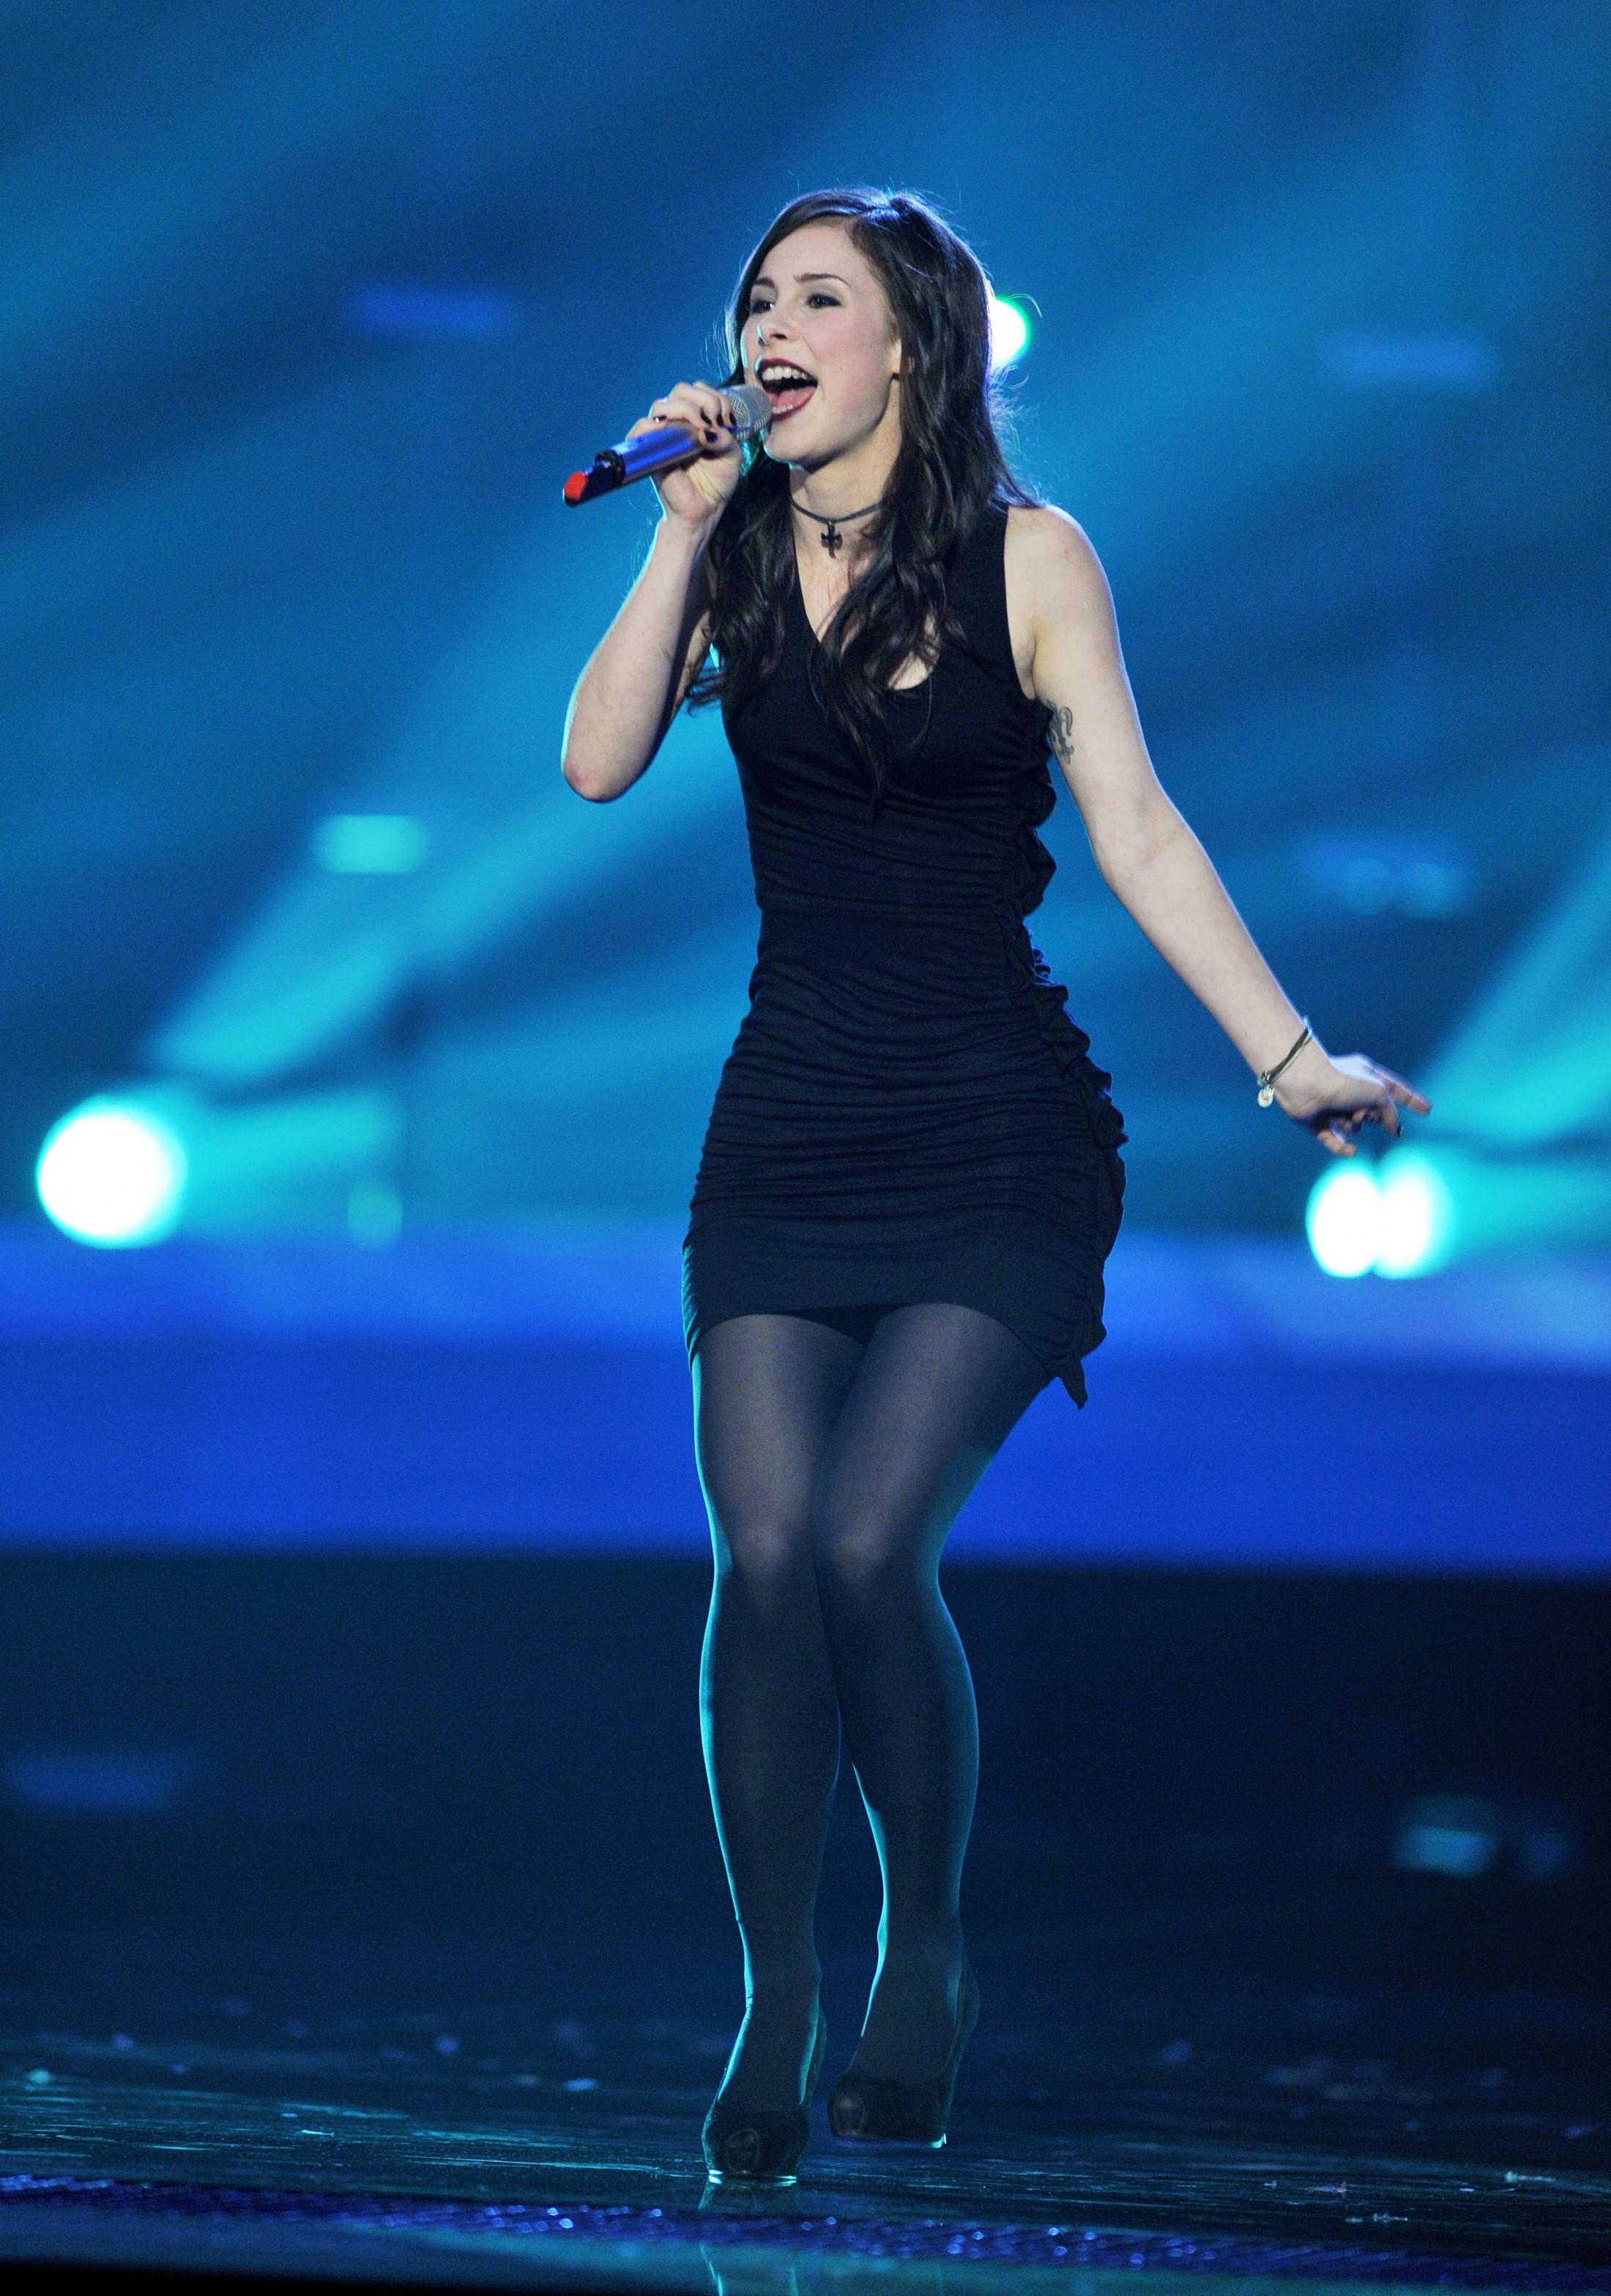 lena-meyer-landrut-winner-of-eurovision-song-contest-2010